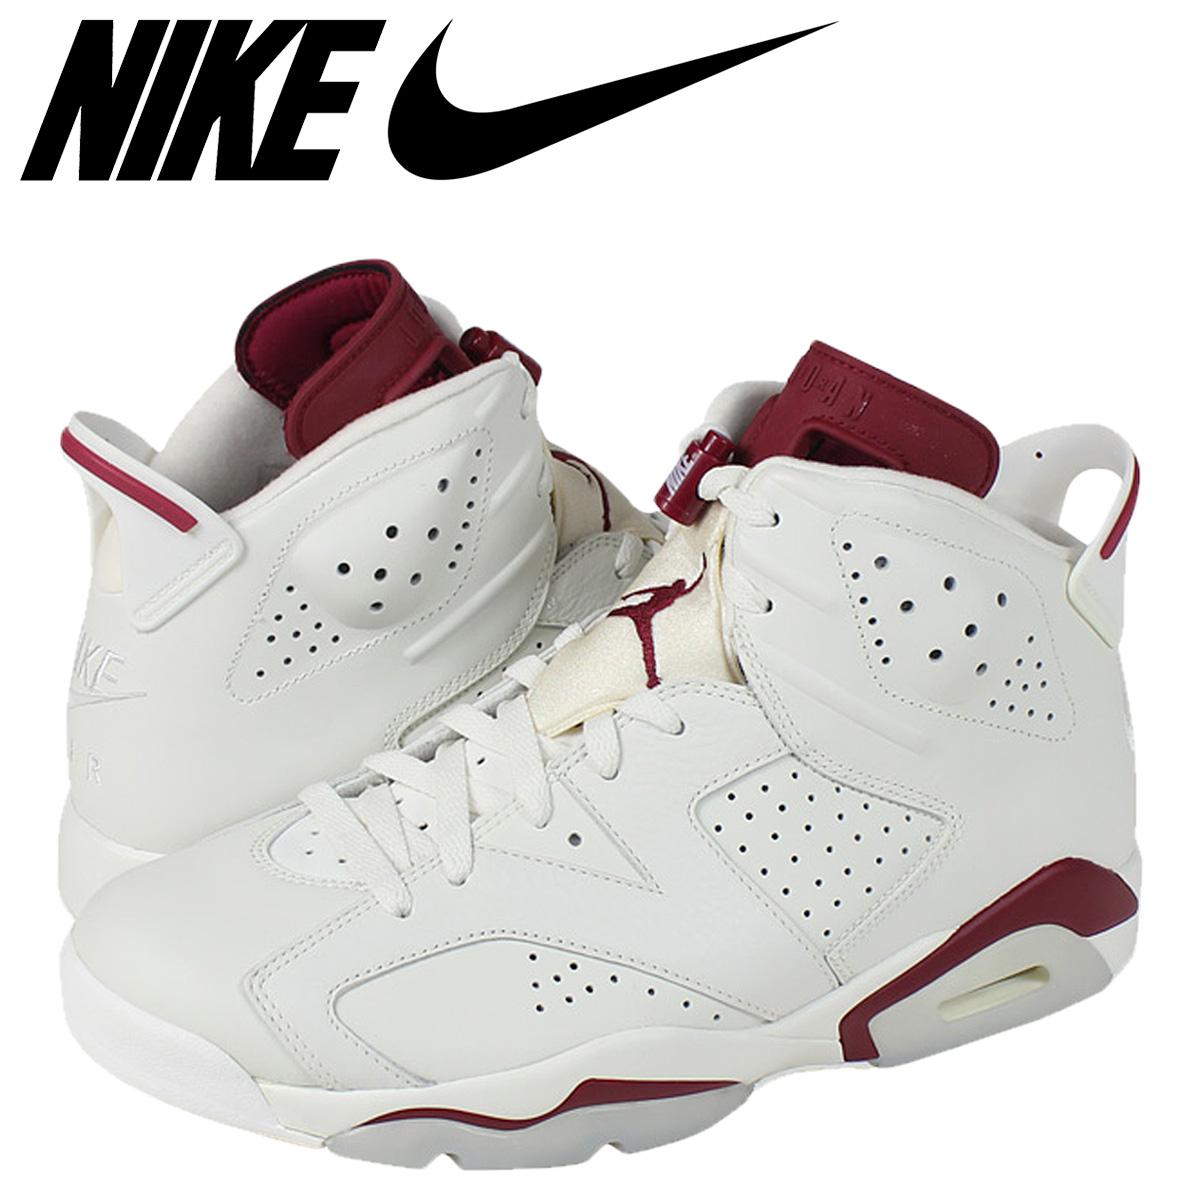 45decbe574bea7 Nike NIKE Air Jordan sneakers AIR JORDAN 6 RETRO MAROON Air Jordan 6 retro  384664 - 116 off white men